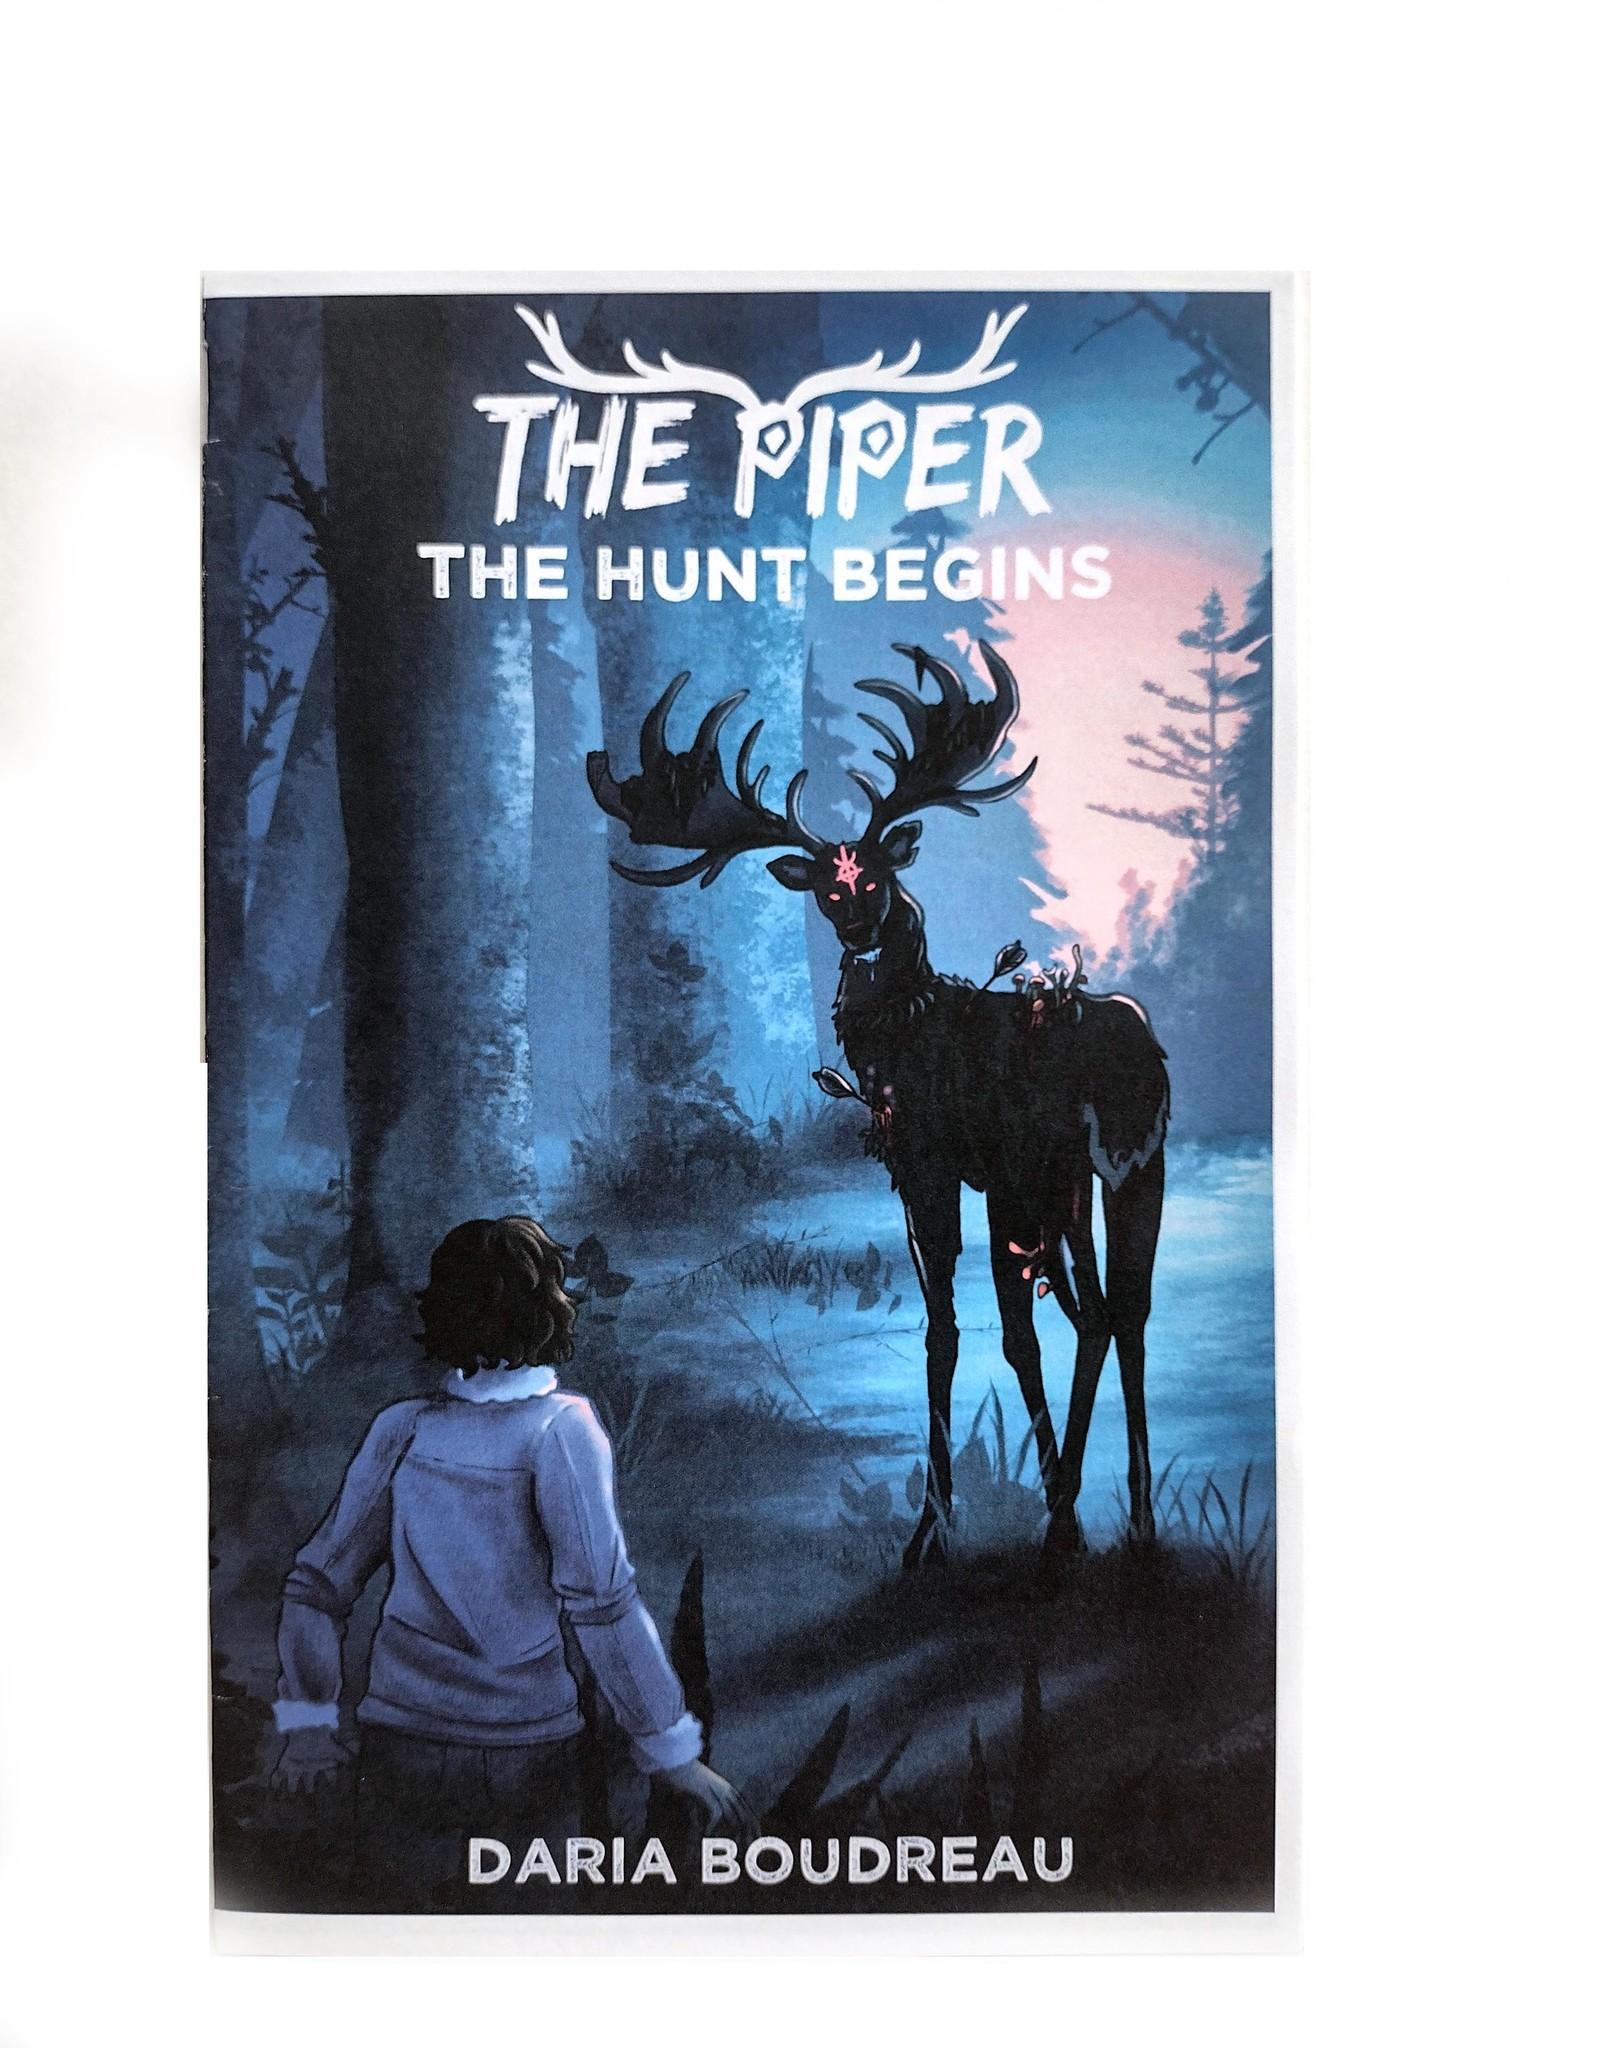 The Piper Comic by Daria Boudreau